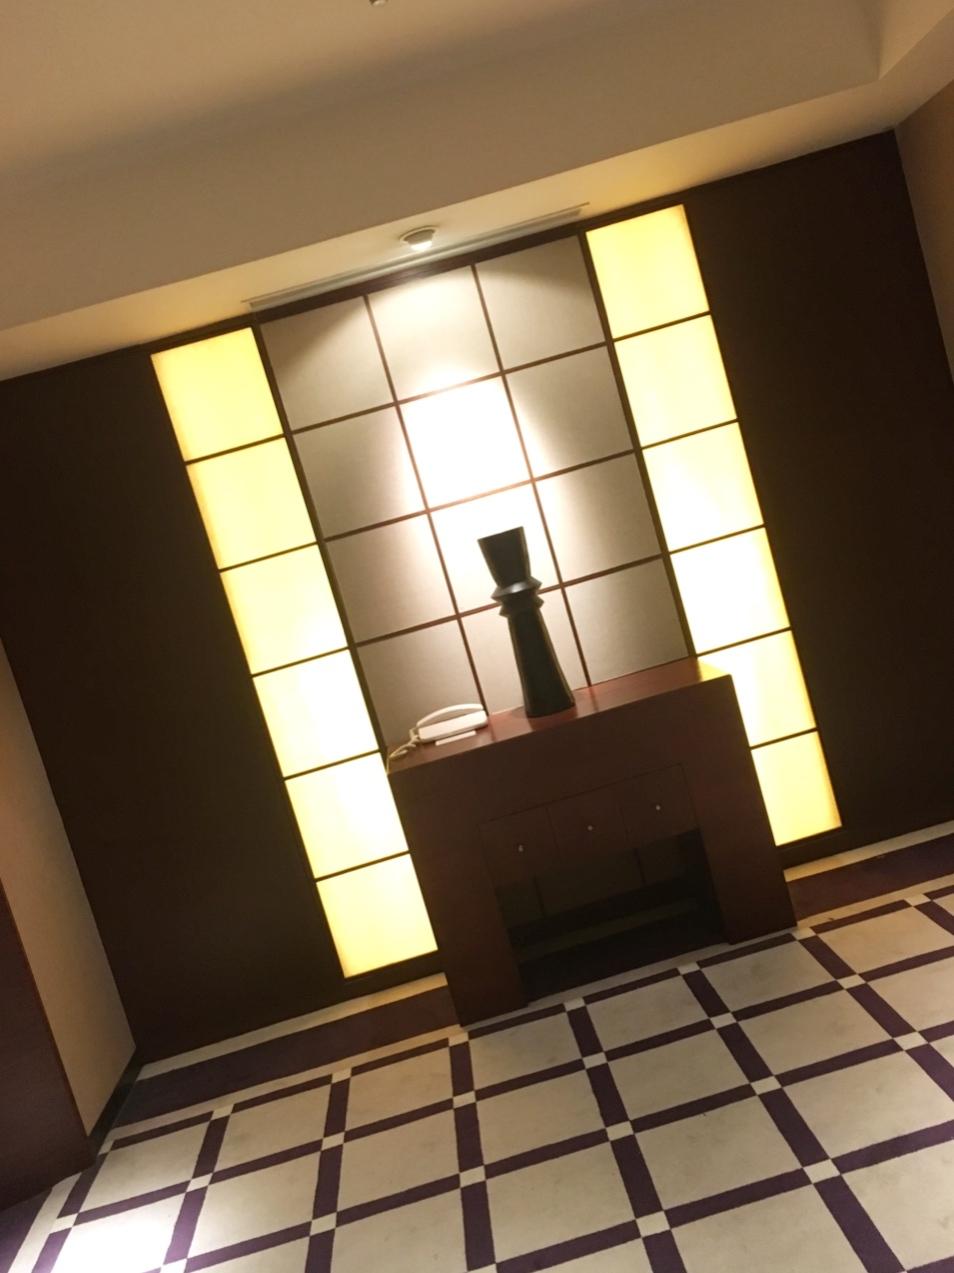 ホテルステイは8月号特集にも♡ANAインターコンチお部屋とクラブラウンジ編_1_5-2